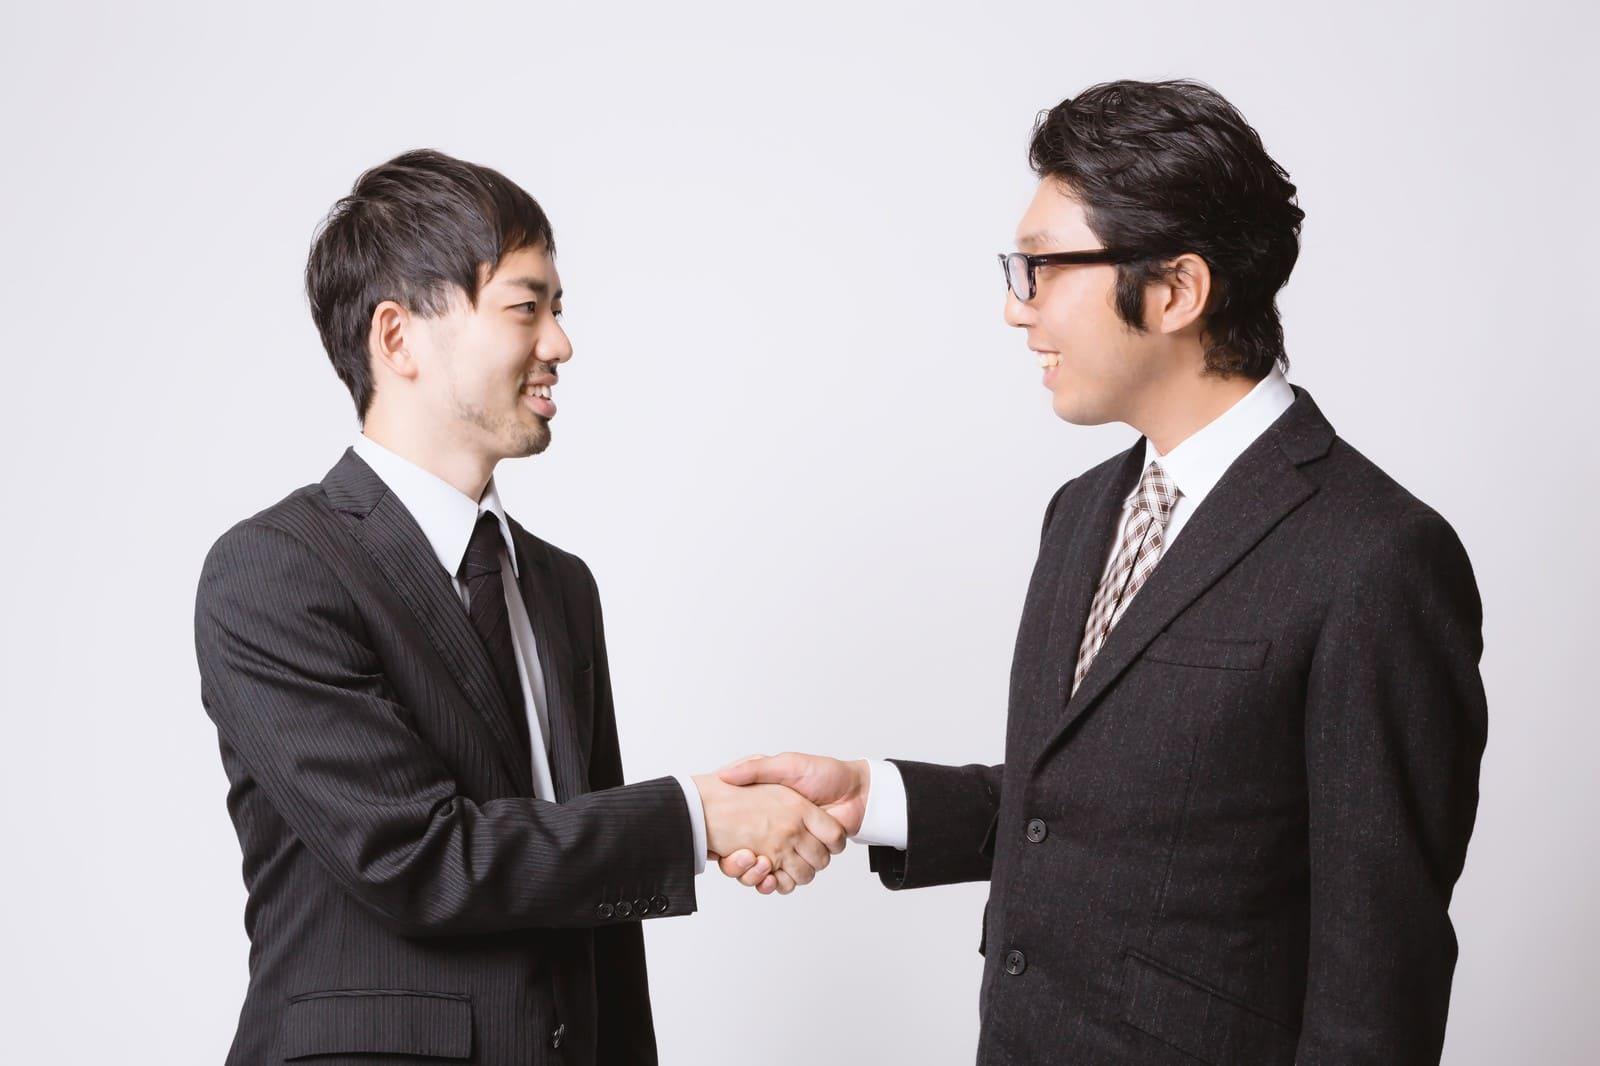 営業が上手くなるコツ!お客さんと打ち解ける会話の方法は?